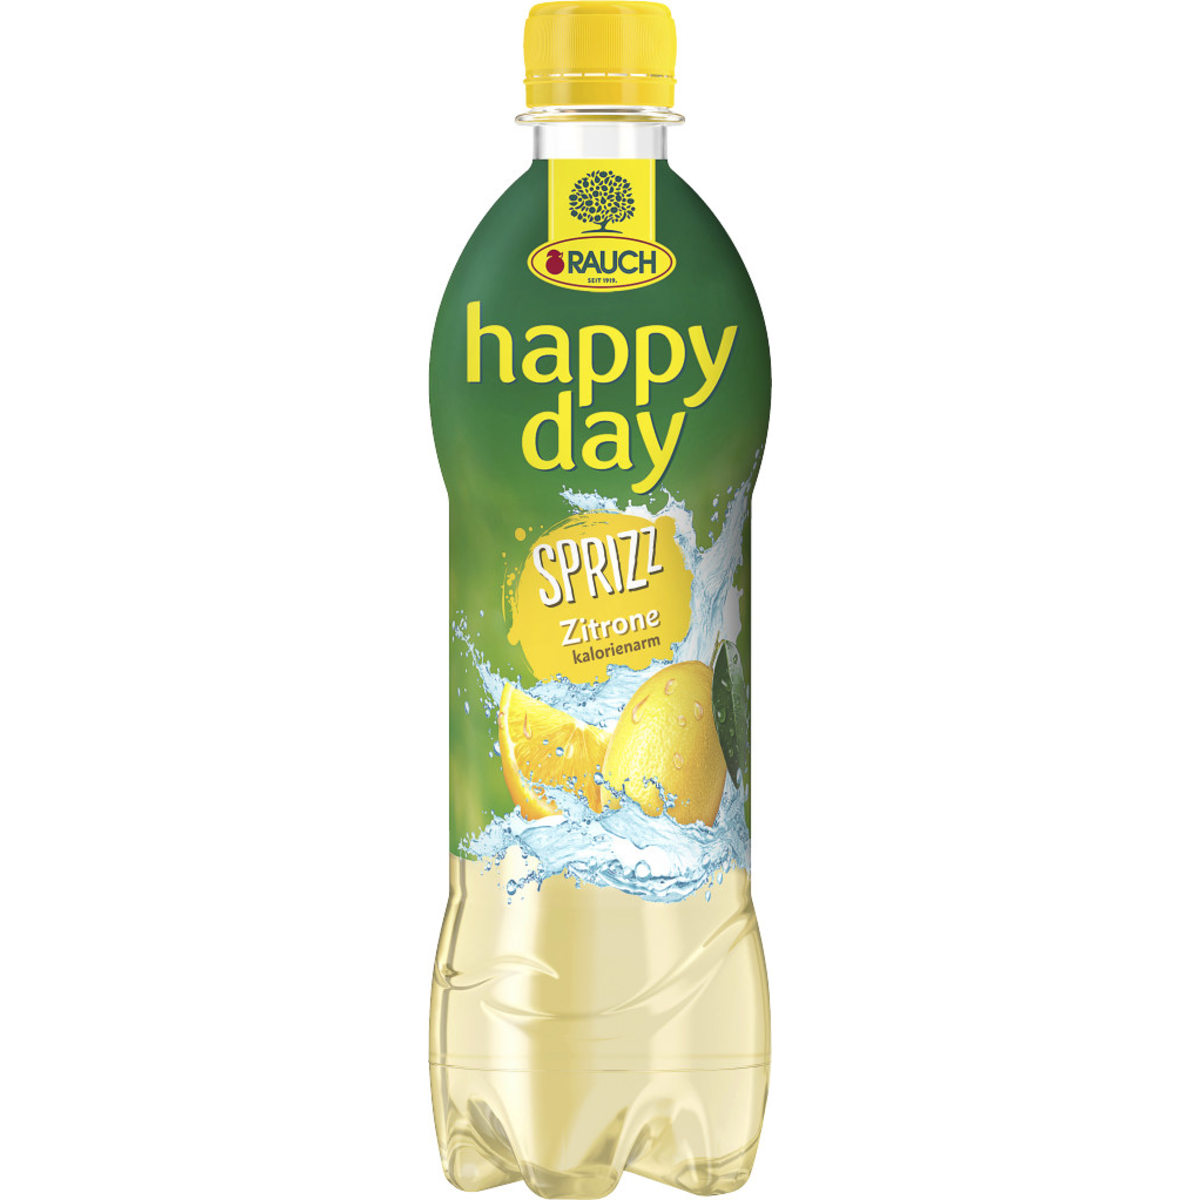 Happy Day Zitrone Sprizz kal.arm PET